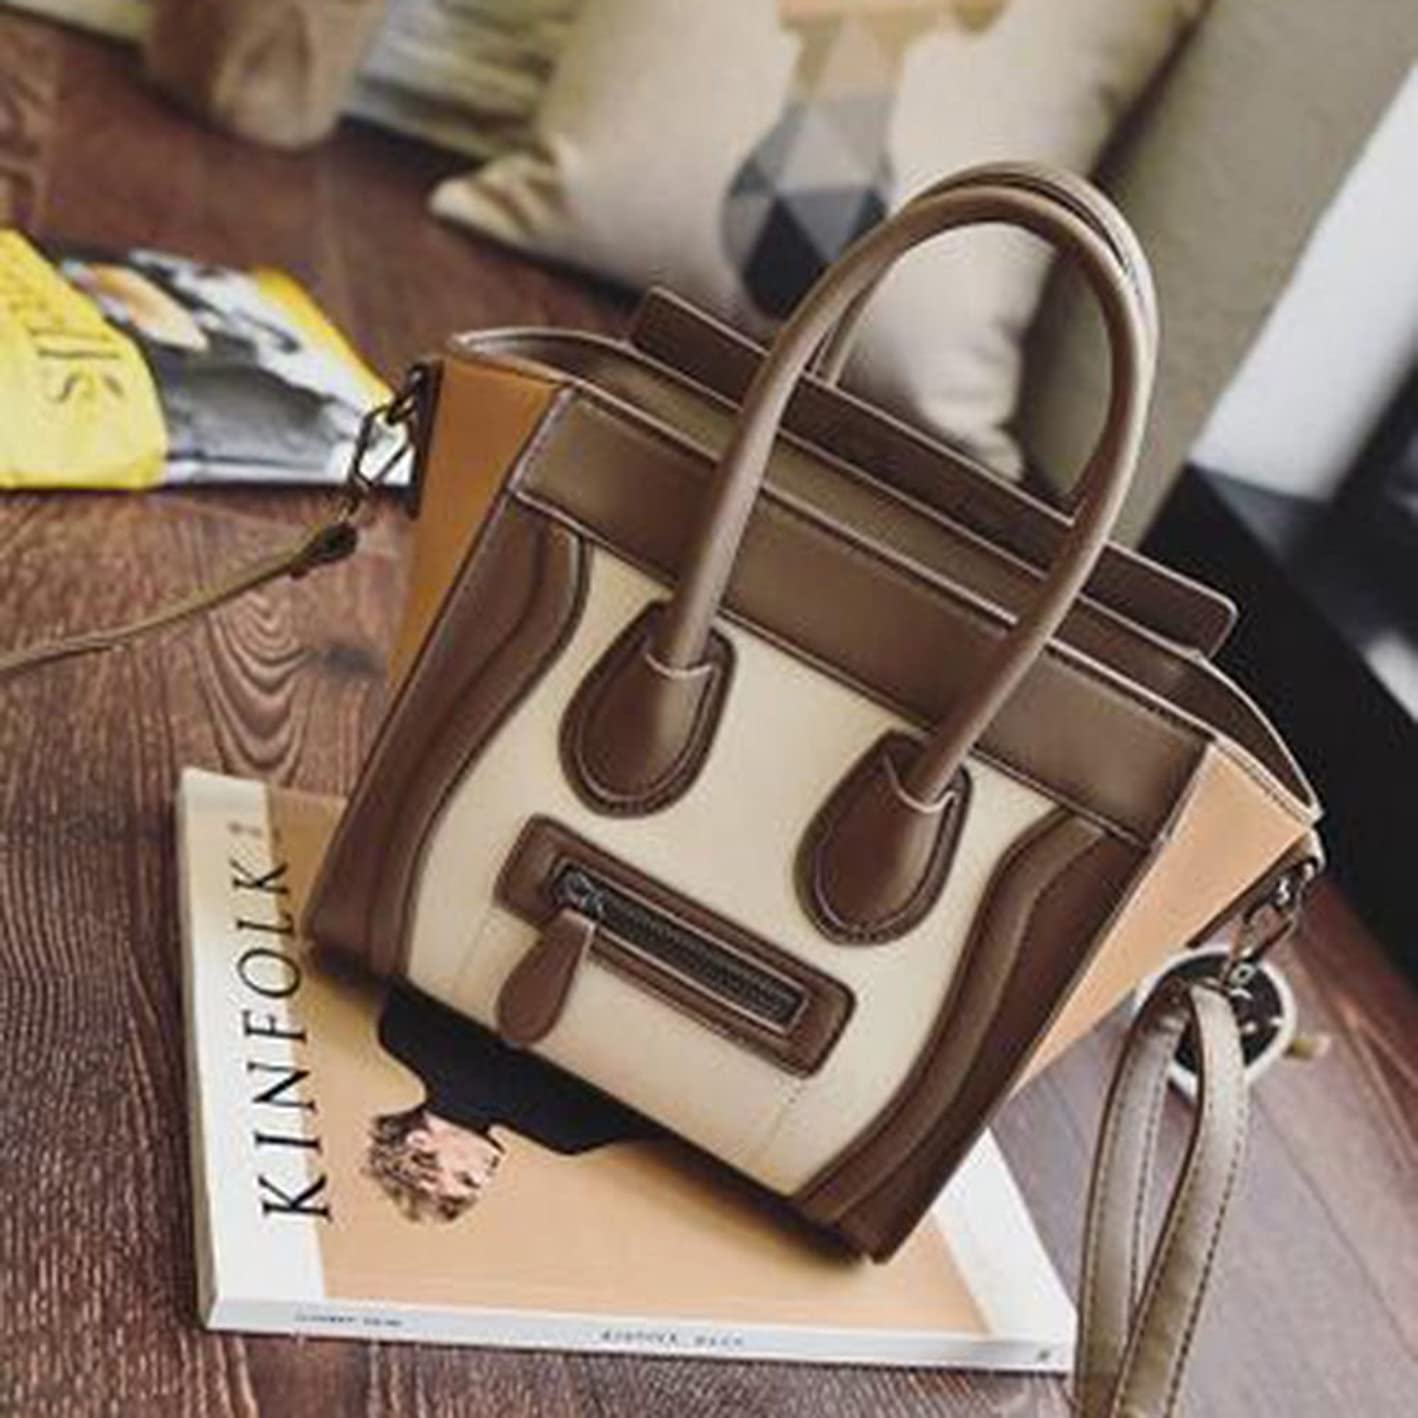 へこみ窓適格トートバック/ショルダーバック/ハンドバック/Women Vintage PU Leather Handbags Lady Smile Face Totes Bags Messenger Wallet